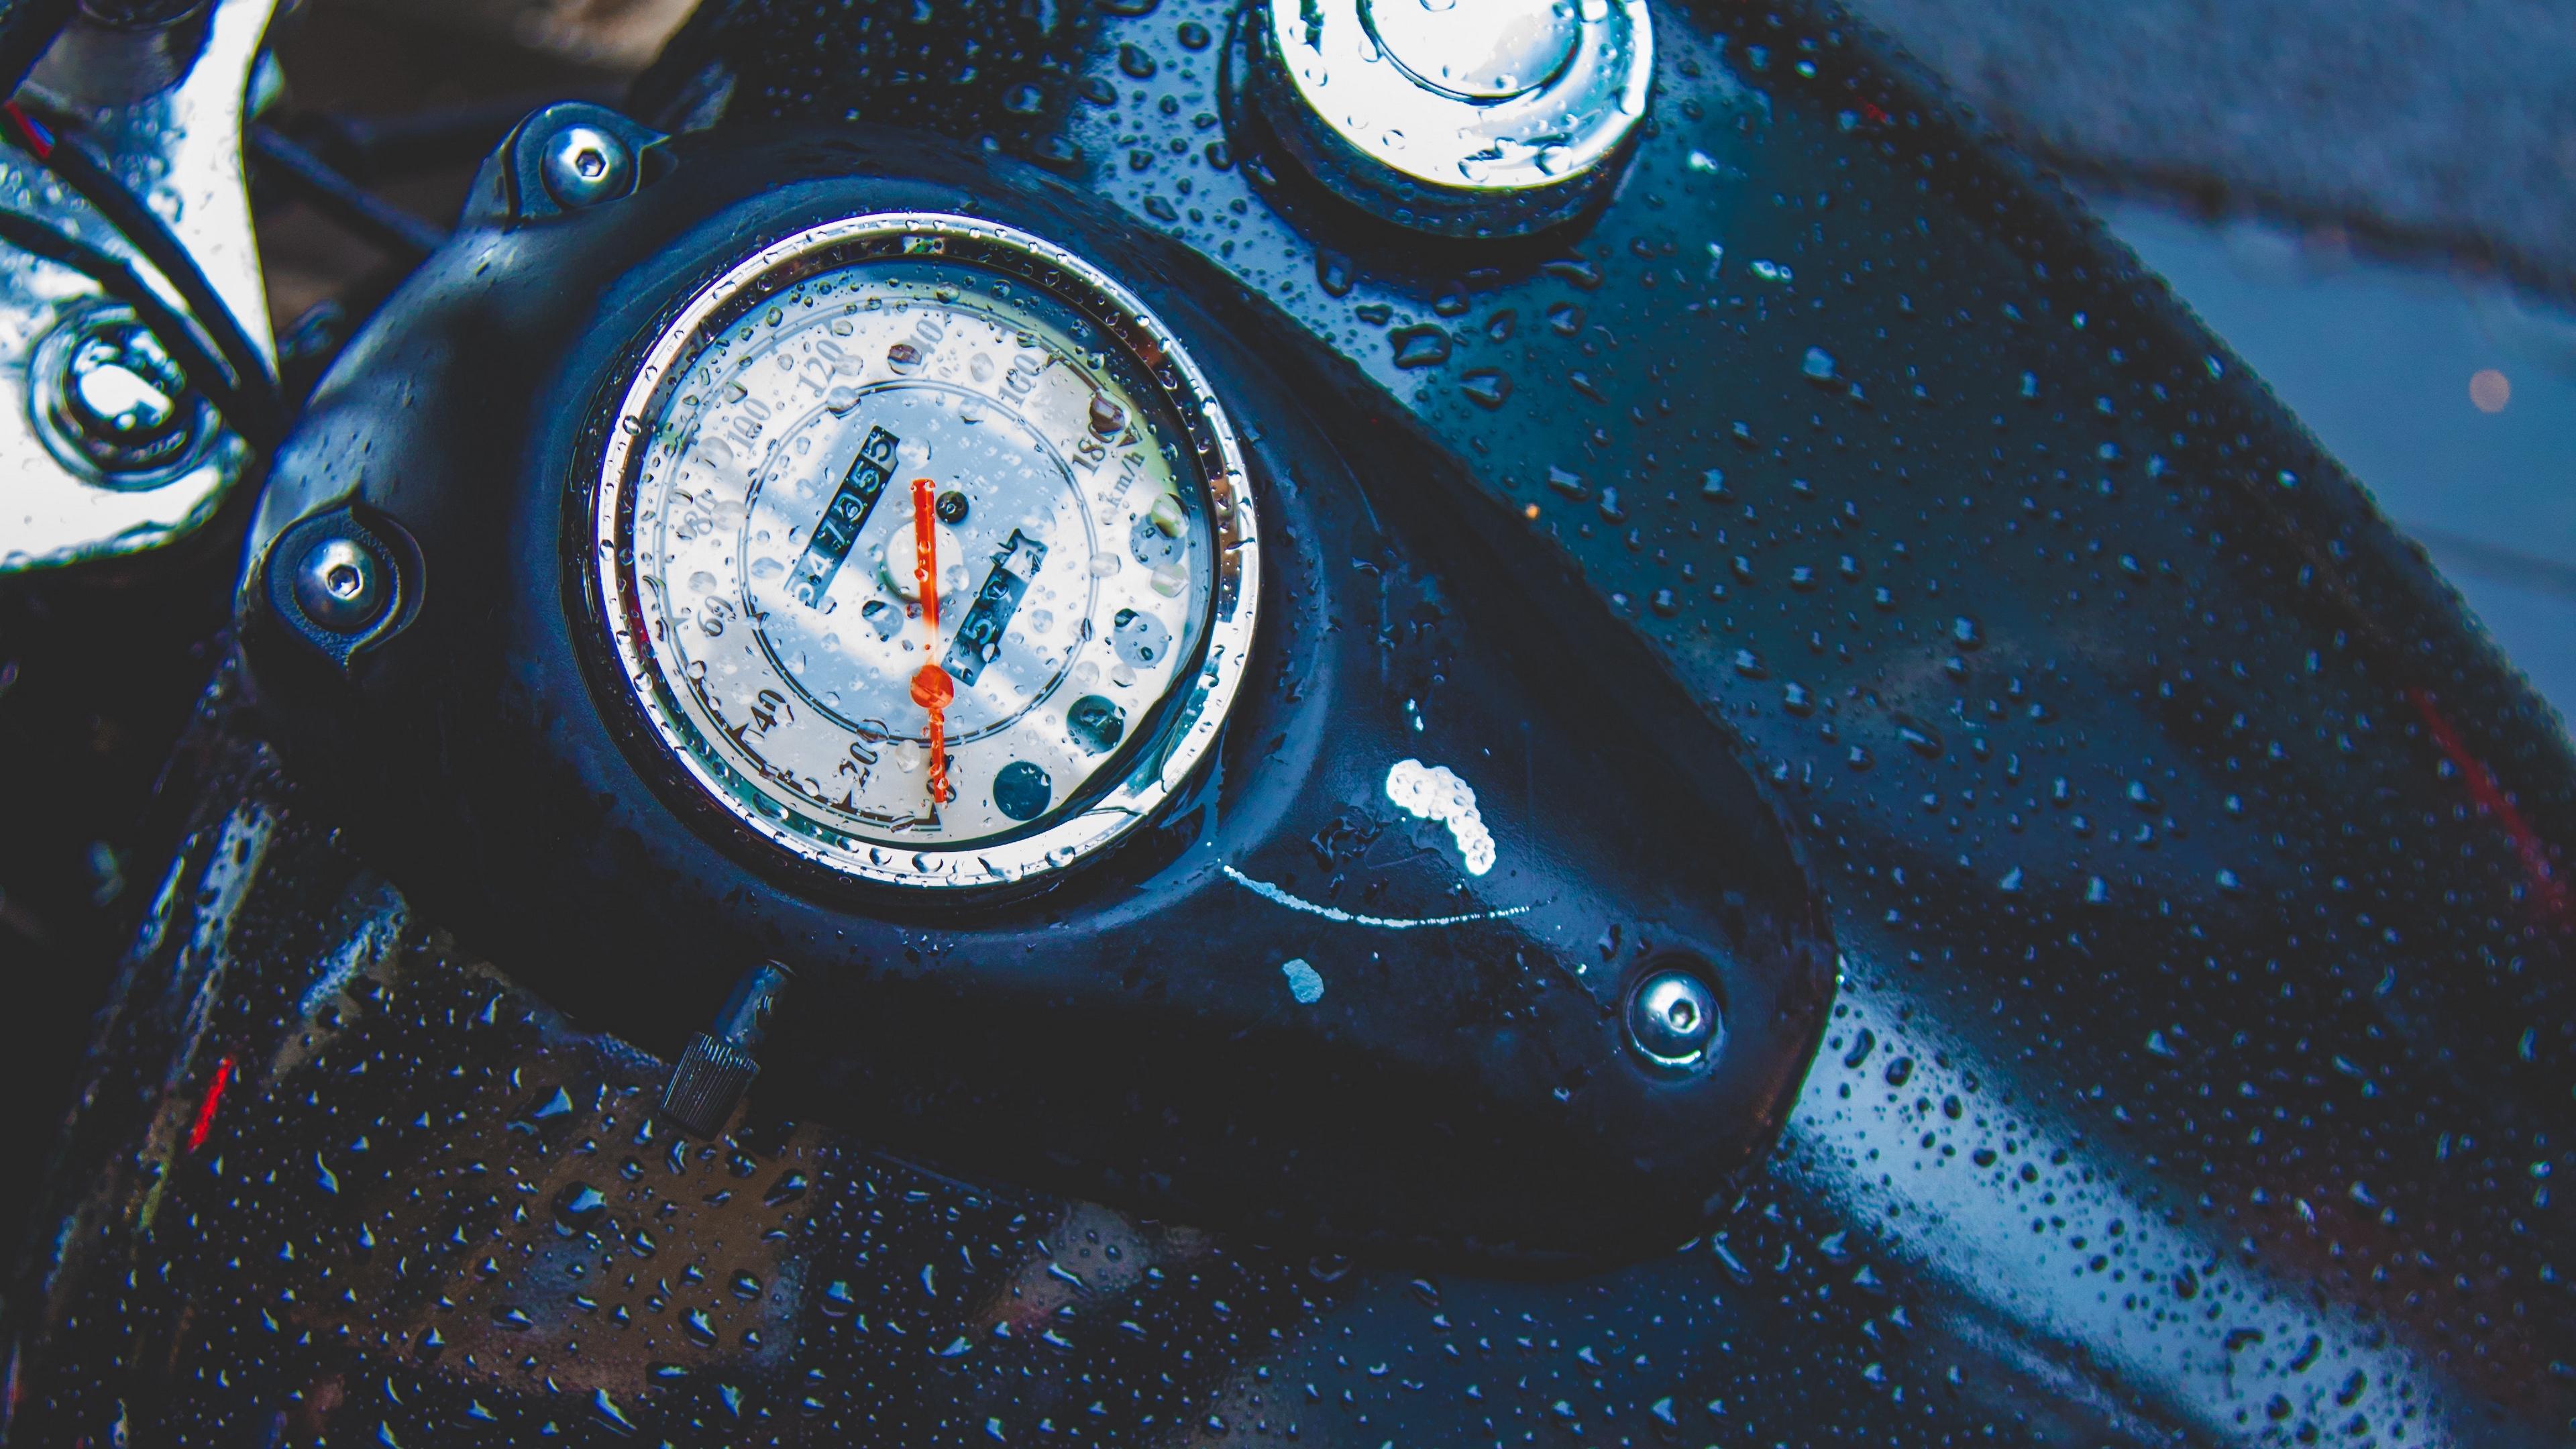 tank motorcycle drops speedometer 4k 1536018798 - tank, motorcycle, drops, speedometer 4k - Tank, Motorcycle, Drops